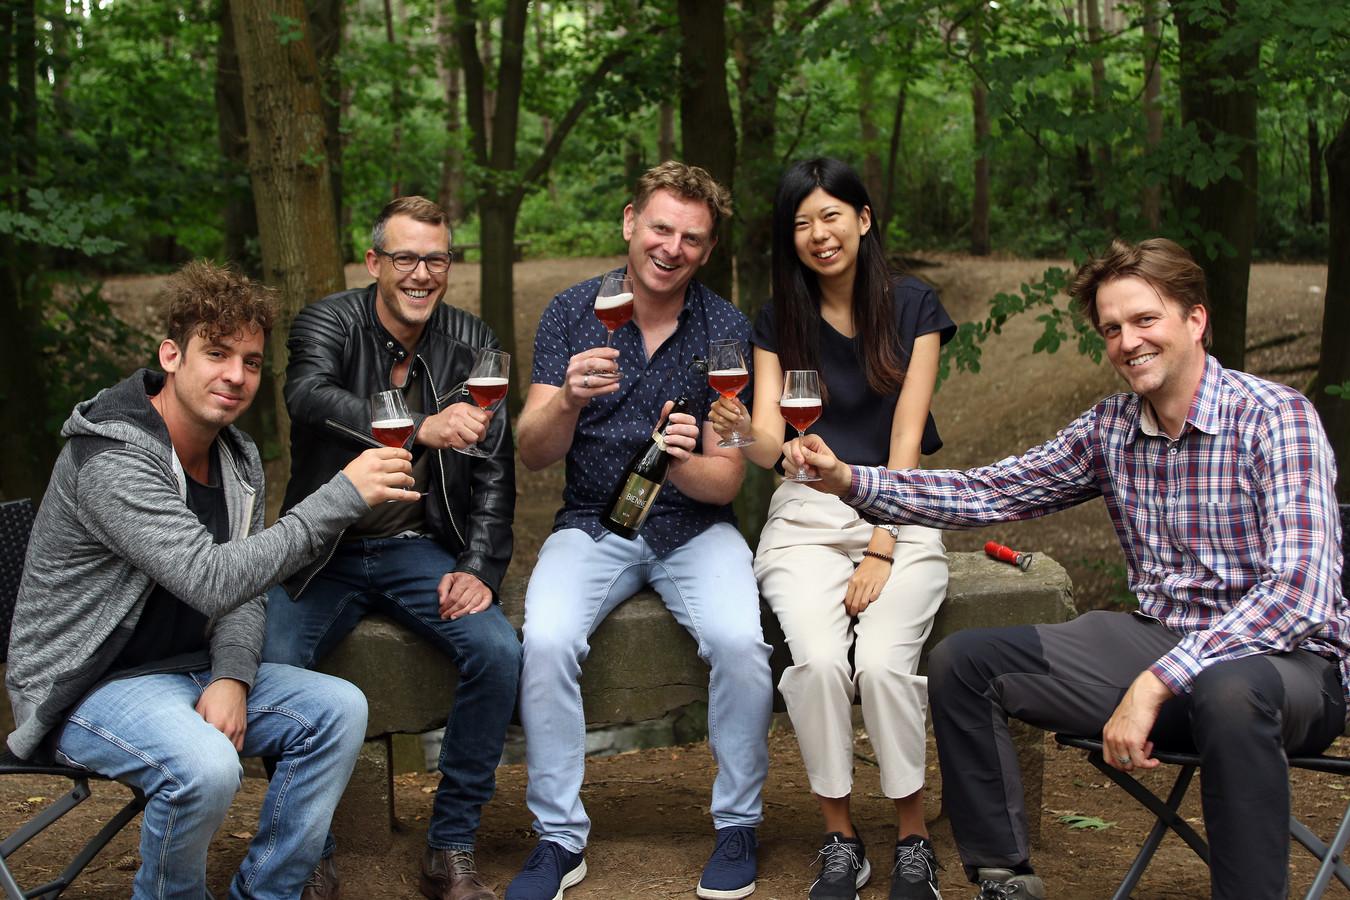 Tim Wouters, Tom Huijsmans, Erwin Vermeuken, de Japanse studente Miho Sato en Joris Van den Bosch klinken met de Bienne.